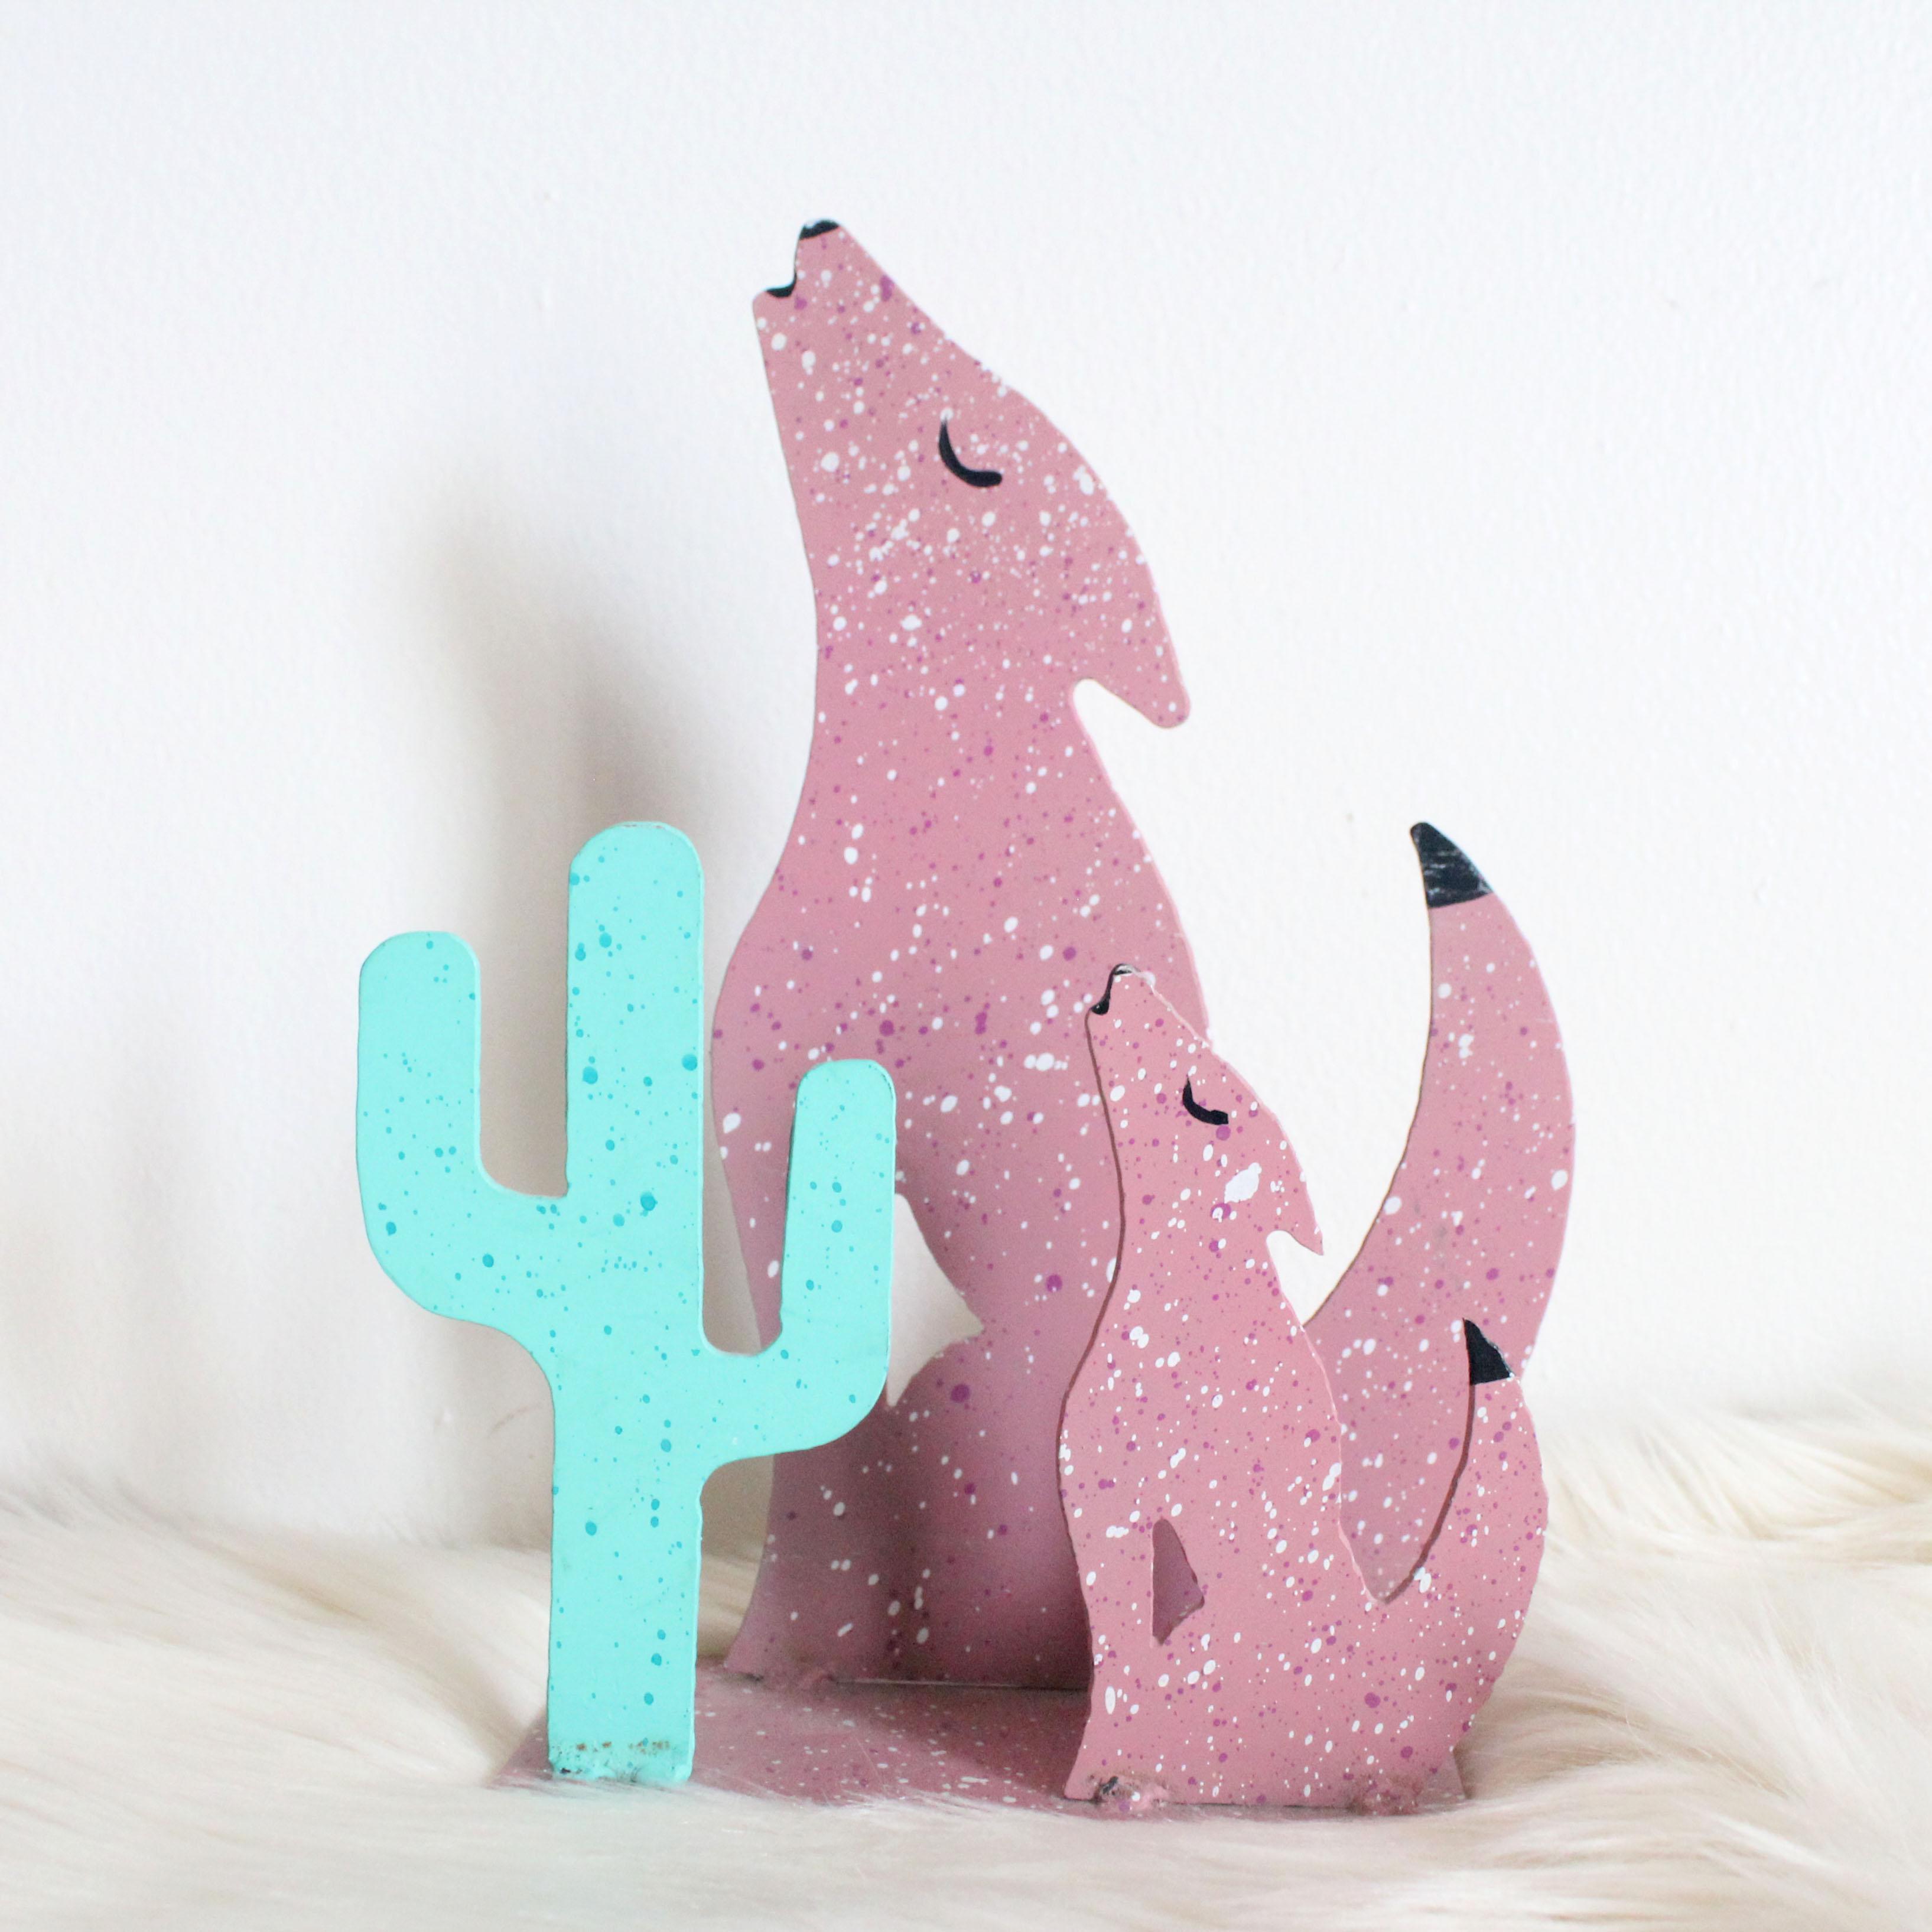 coyotes + cactus